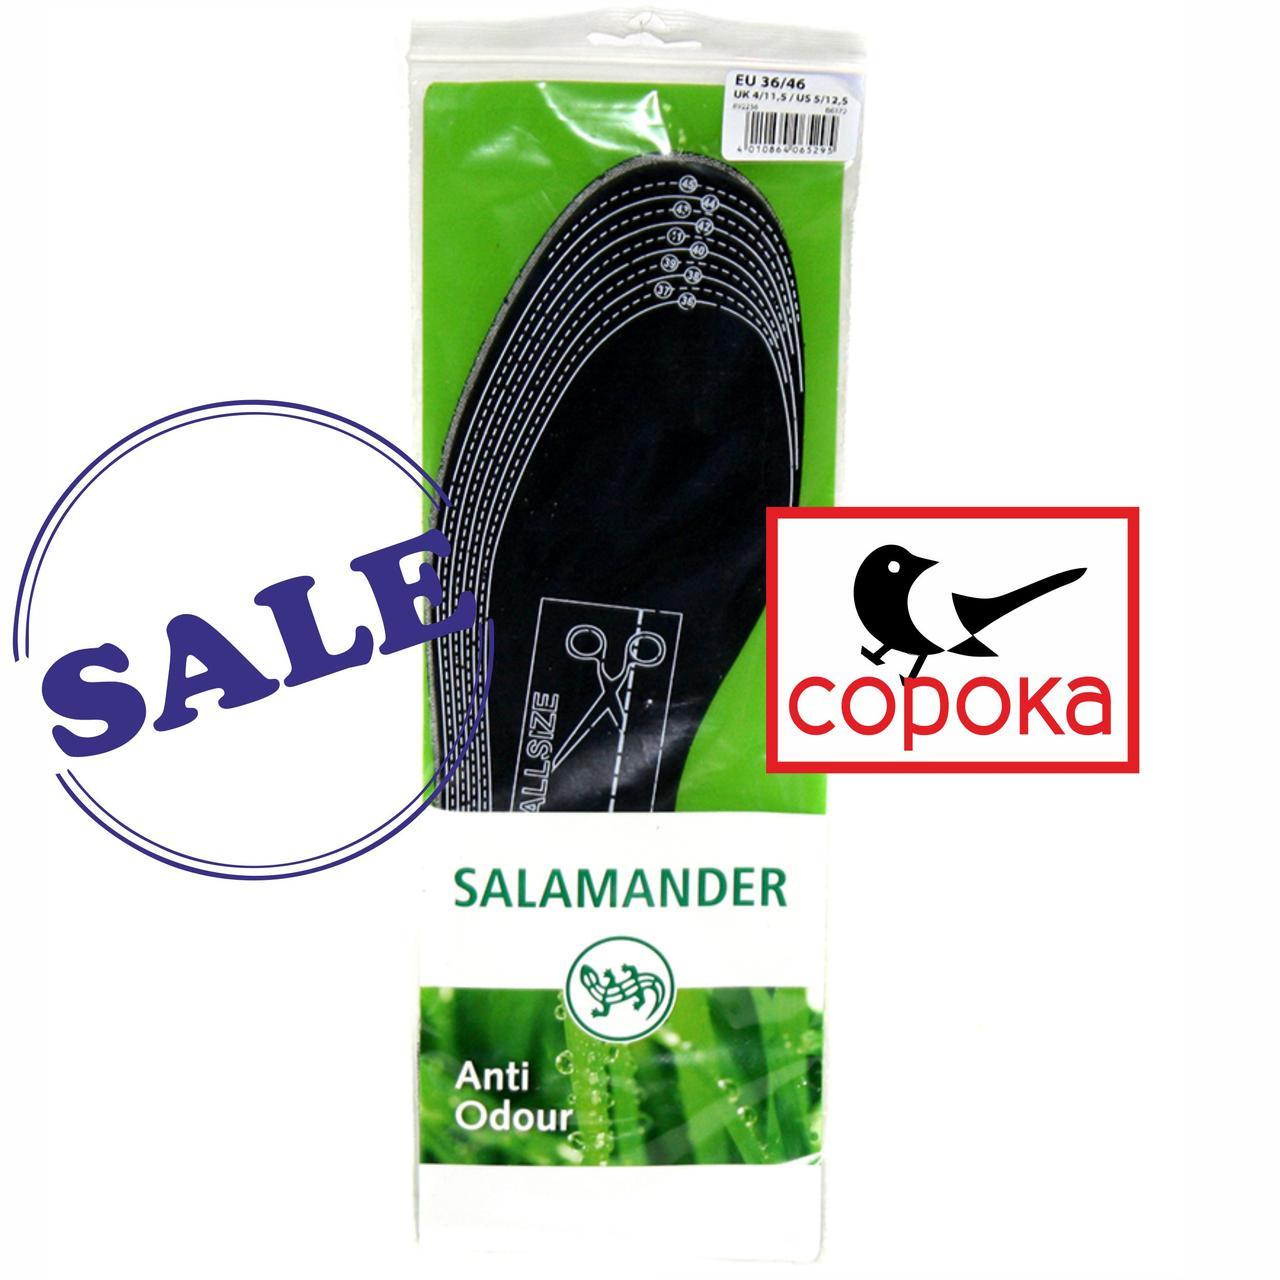 Устілка Salamander Anti Odor антизапах з вугільним сорбентом обрізна 36-46р